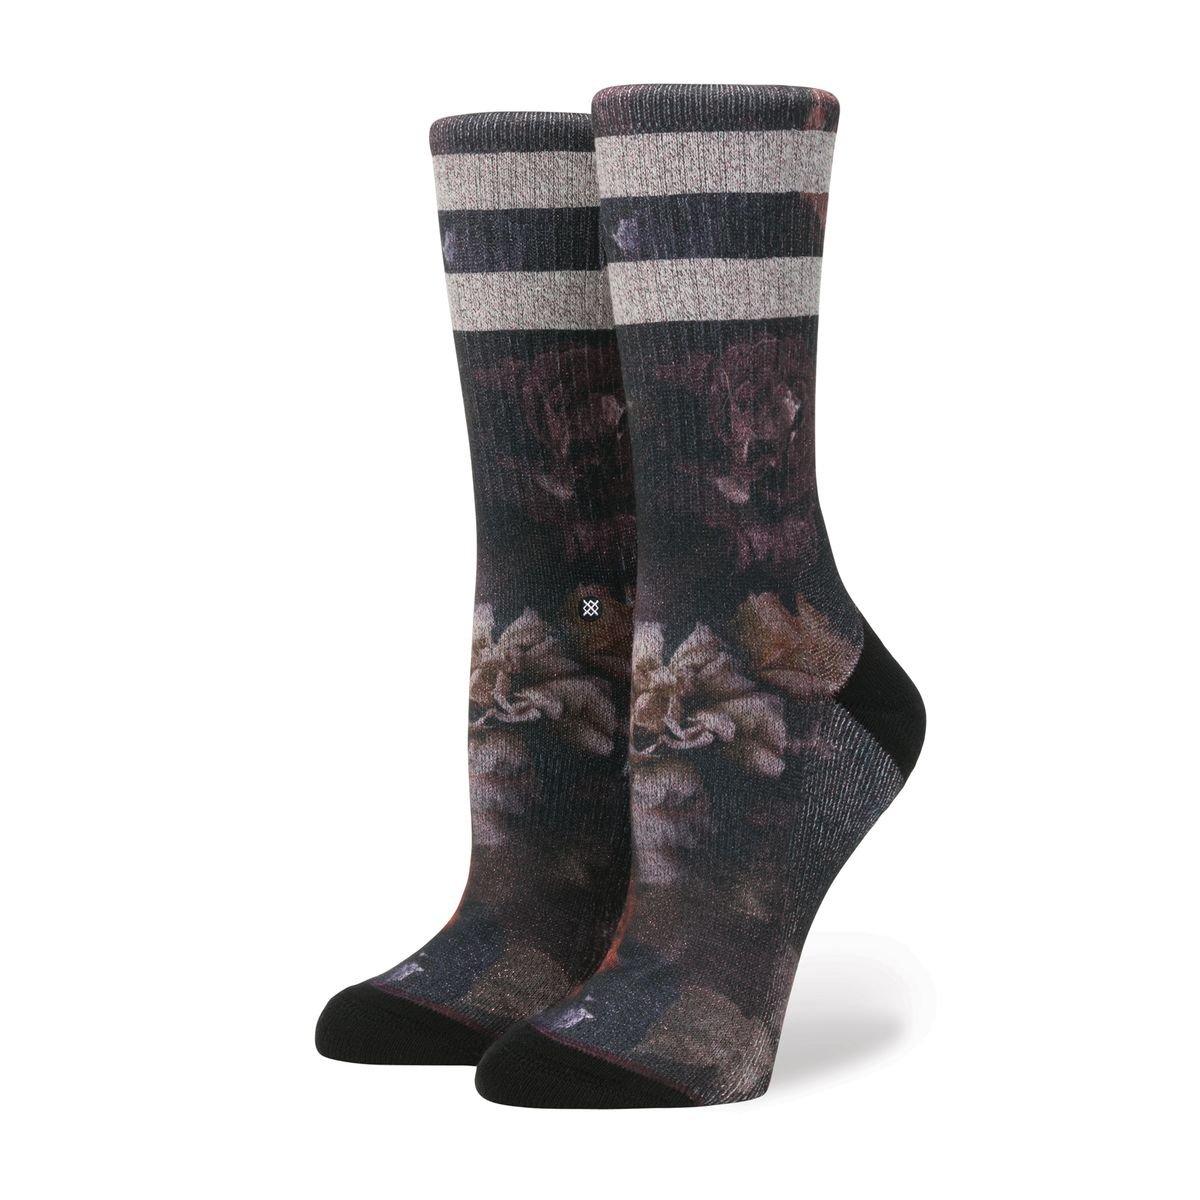 Stance Women's Dark Blooms Socks W556D17DAR-BLK-S-A